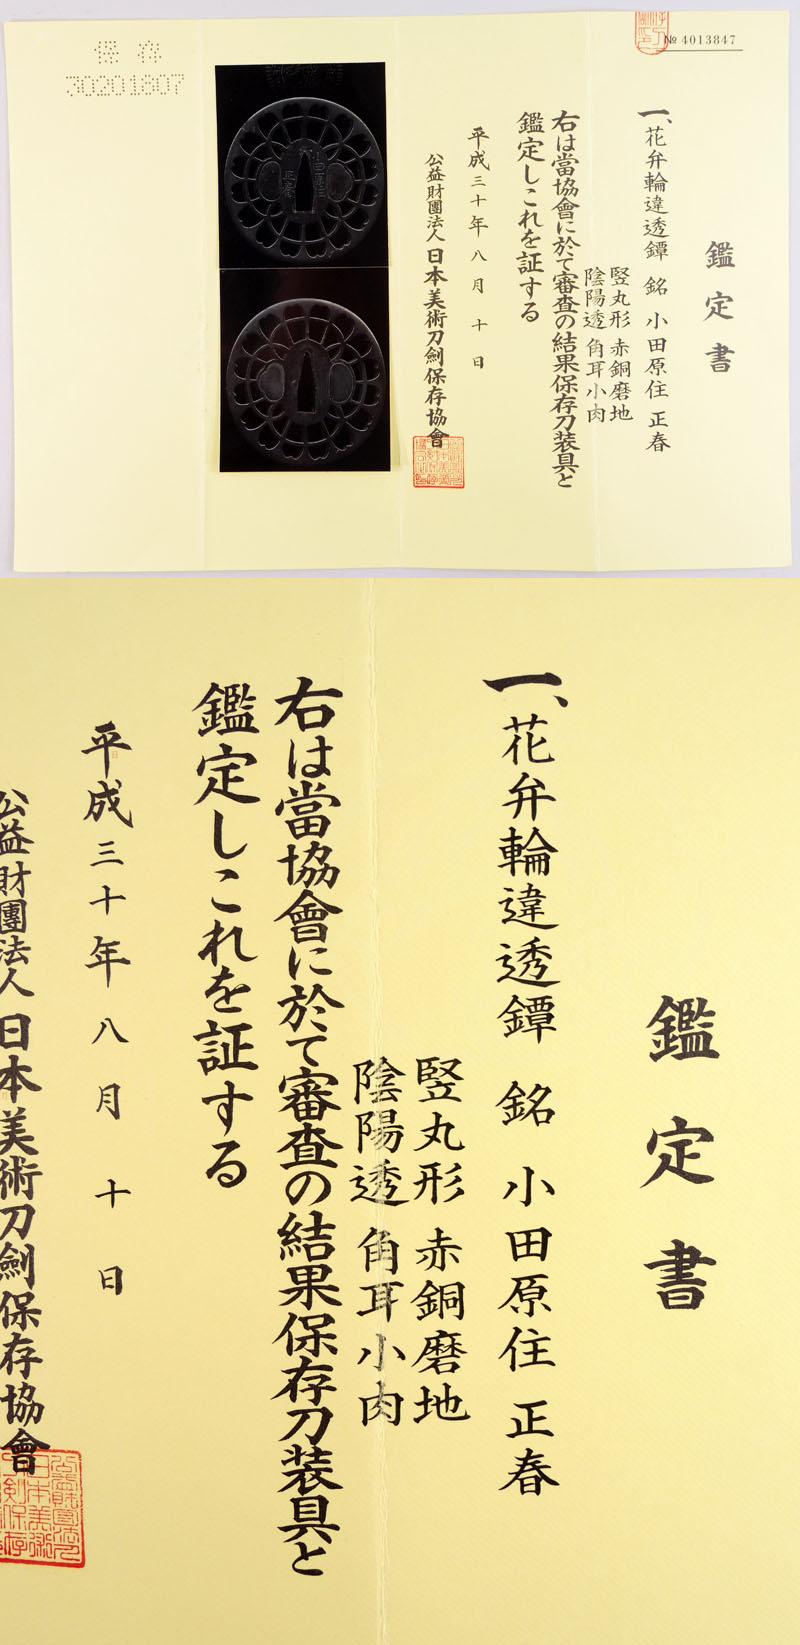 花弁輪違透鍔 小田原住 正春 Picture of Certificate